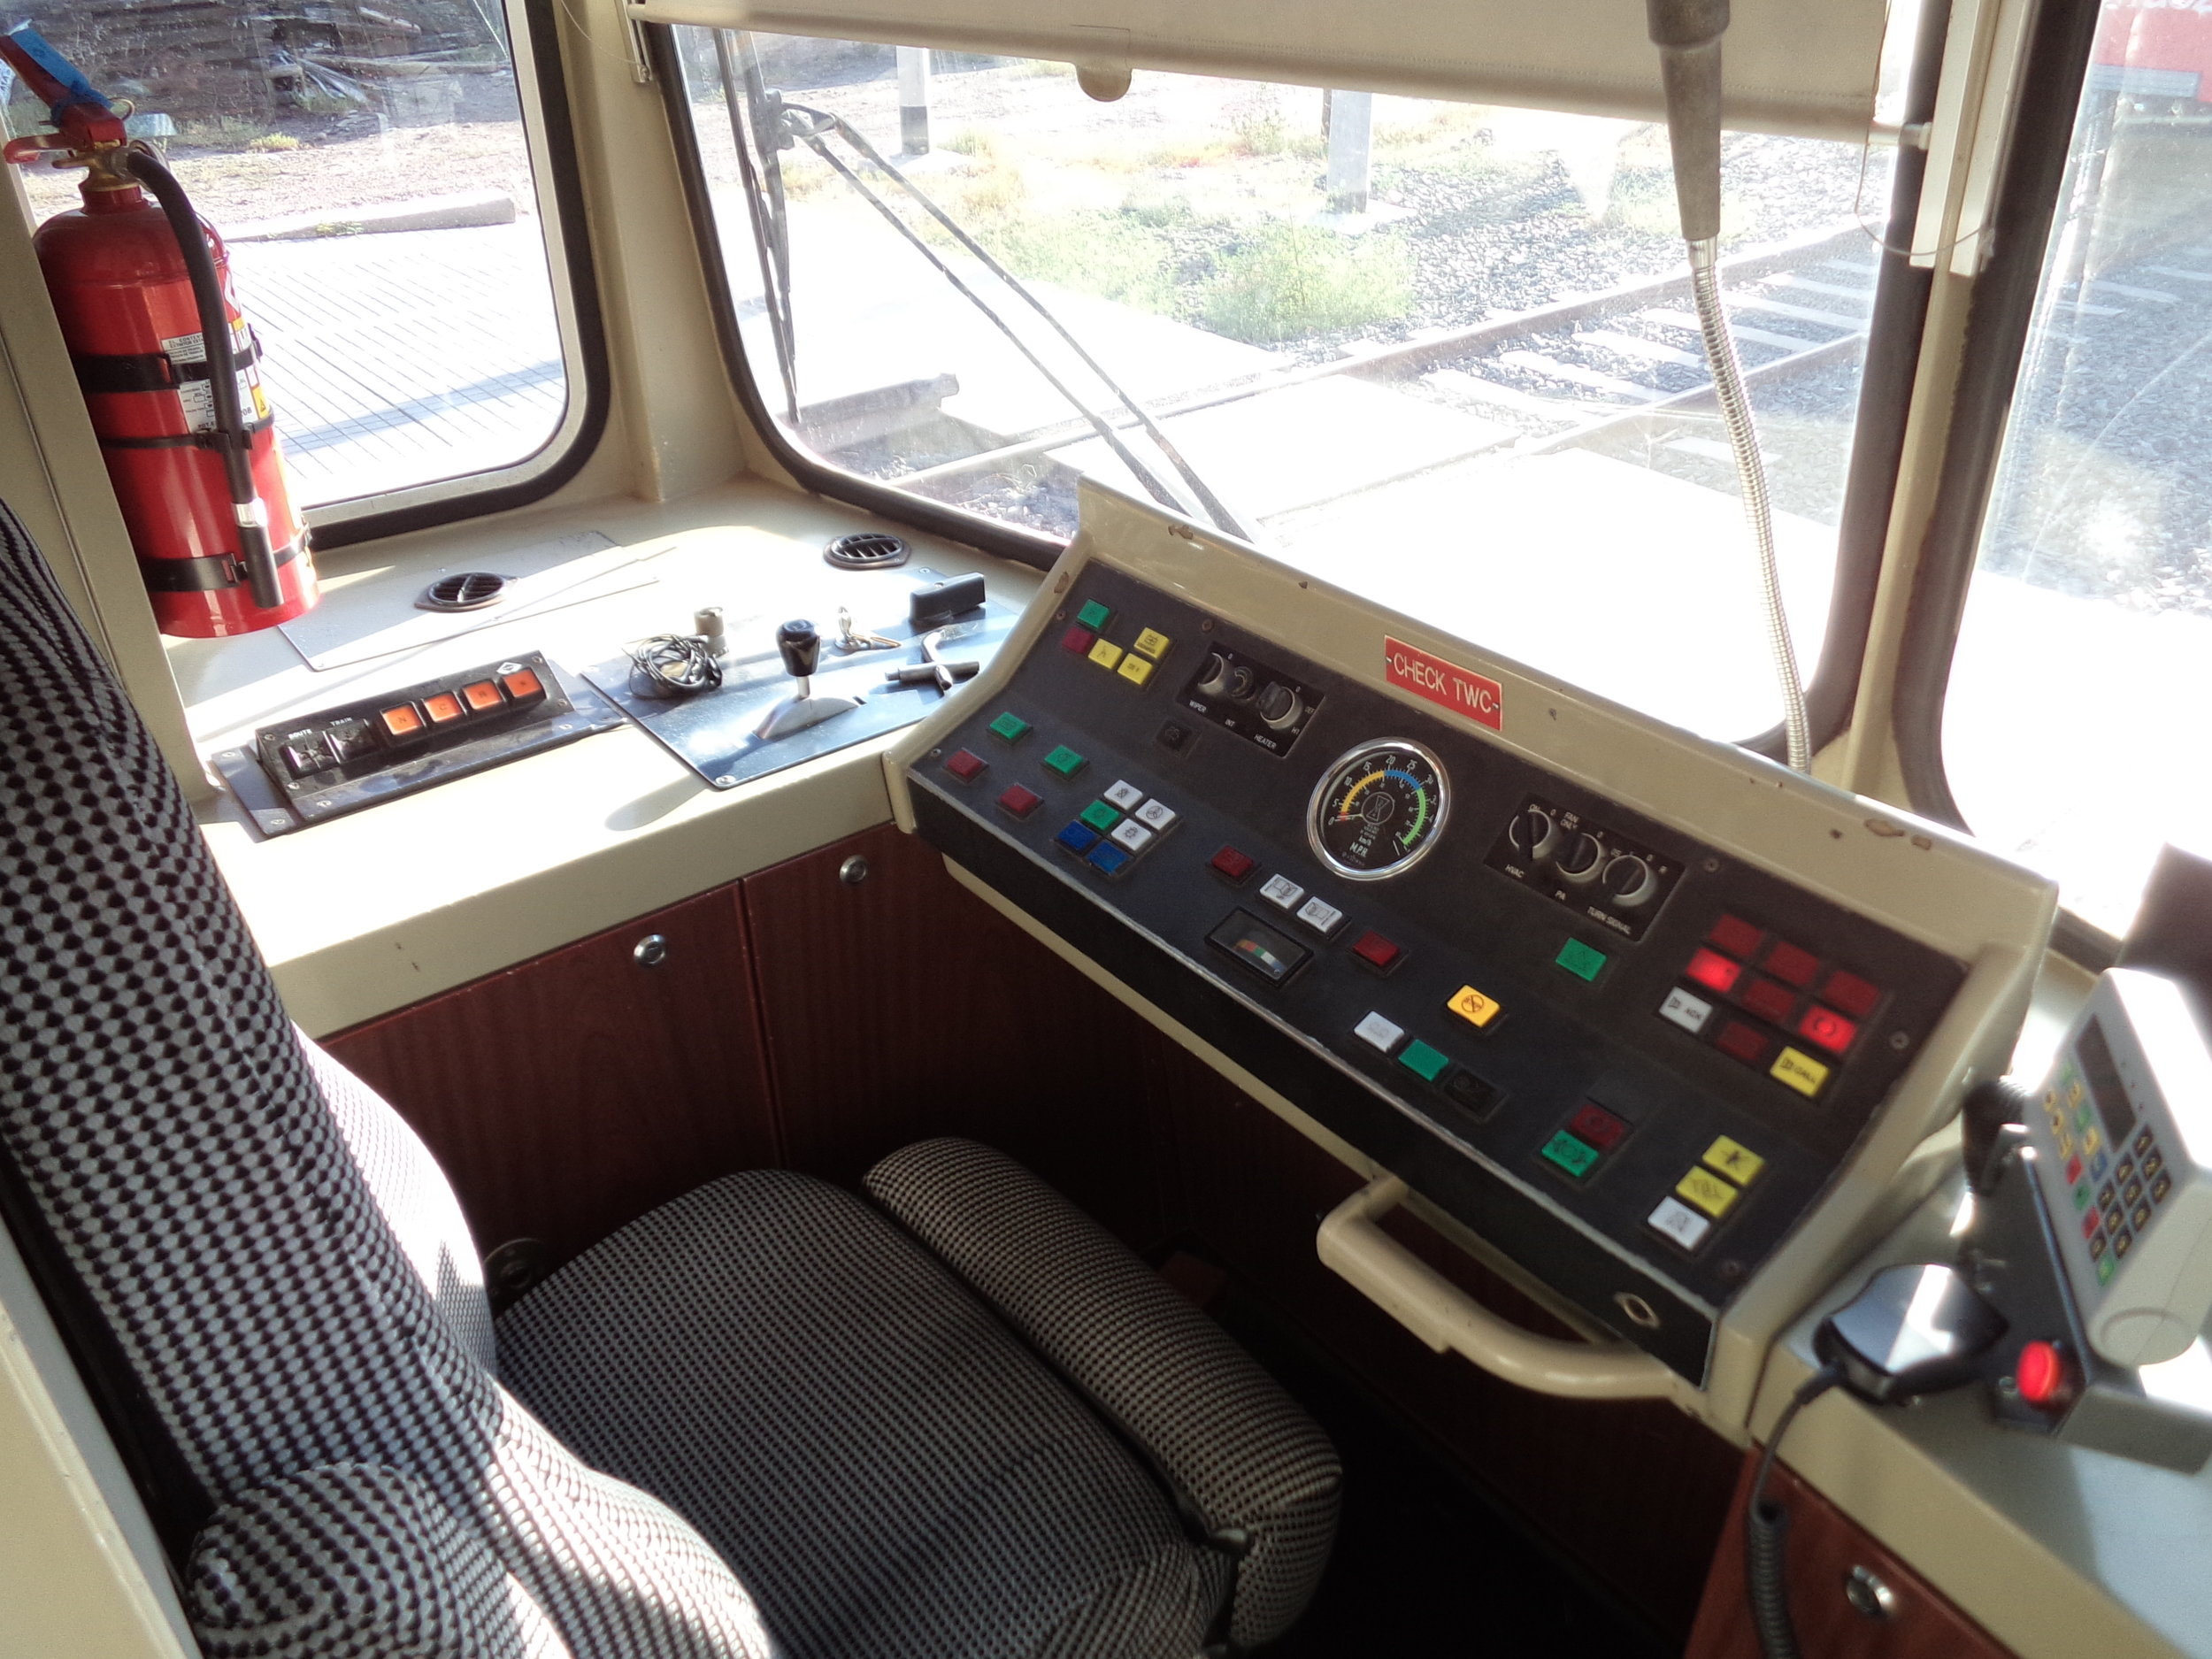 Stářísoupravy rychlodrážní tramvaje nezamaskuje ani kabina řidiče, která je však takřka v bezvadném stavu i po zhruba 30 letech provozu.